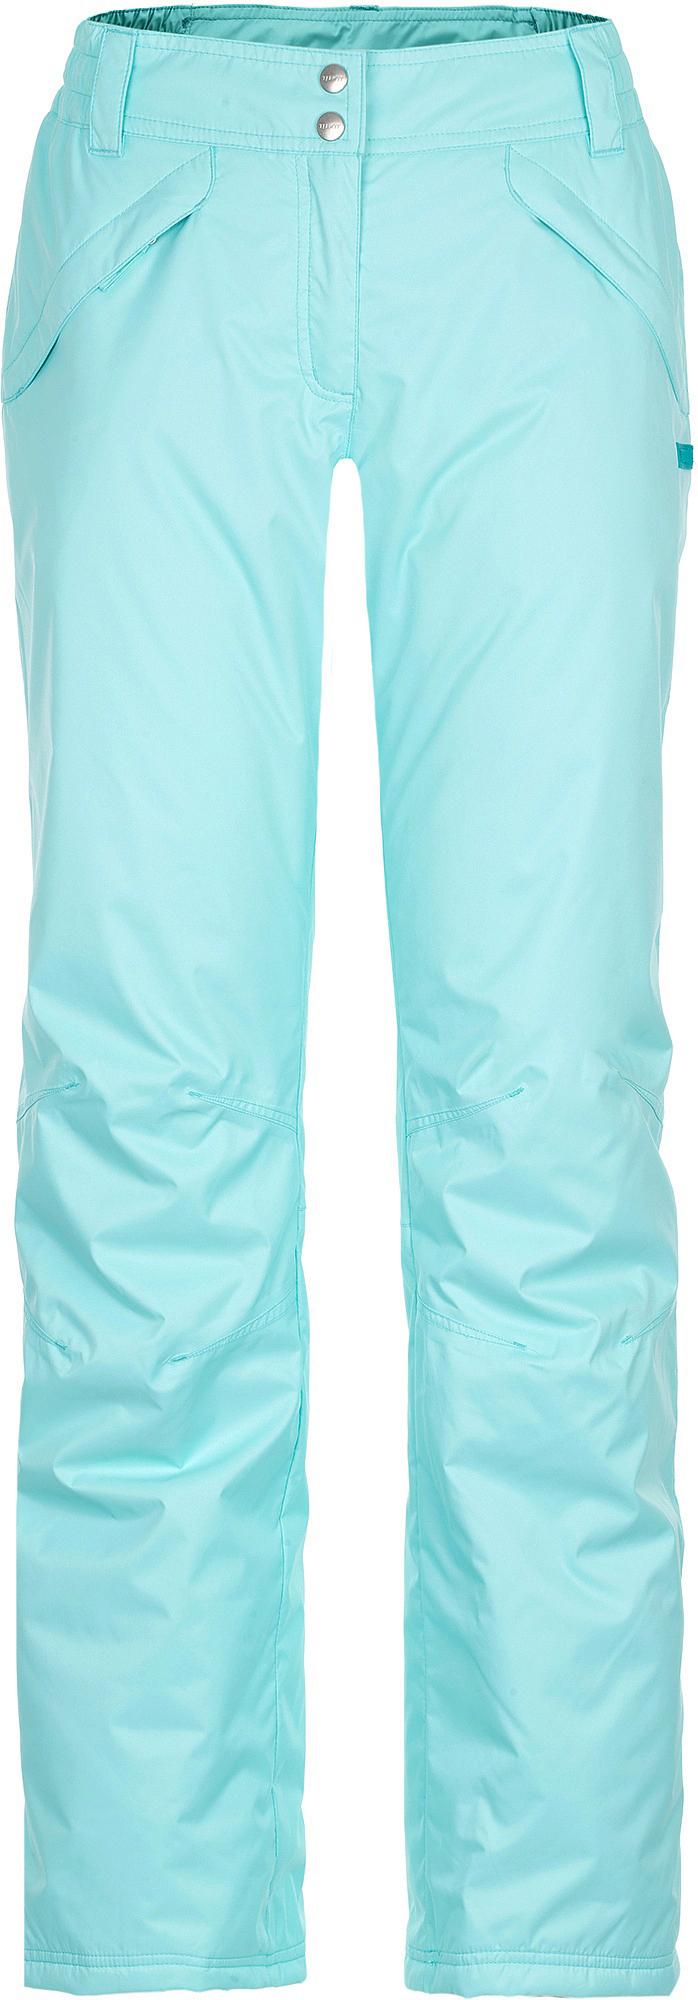 Termit Брюки утепленные женские Termit брюки женские